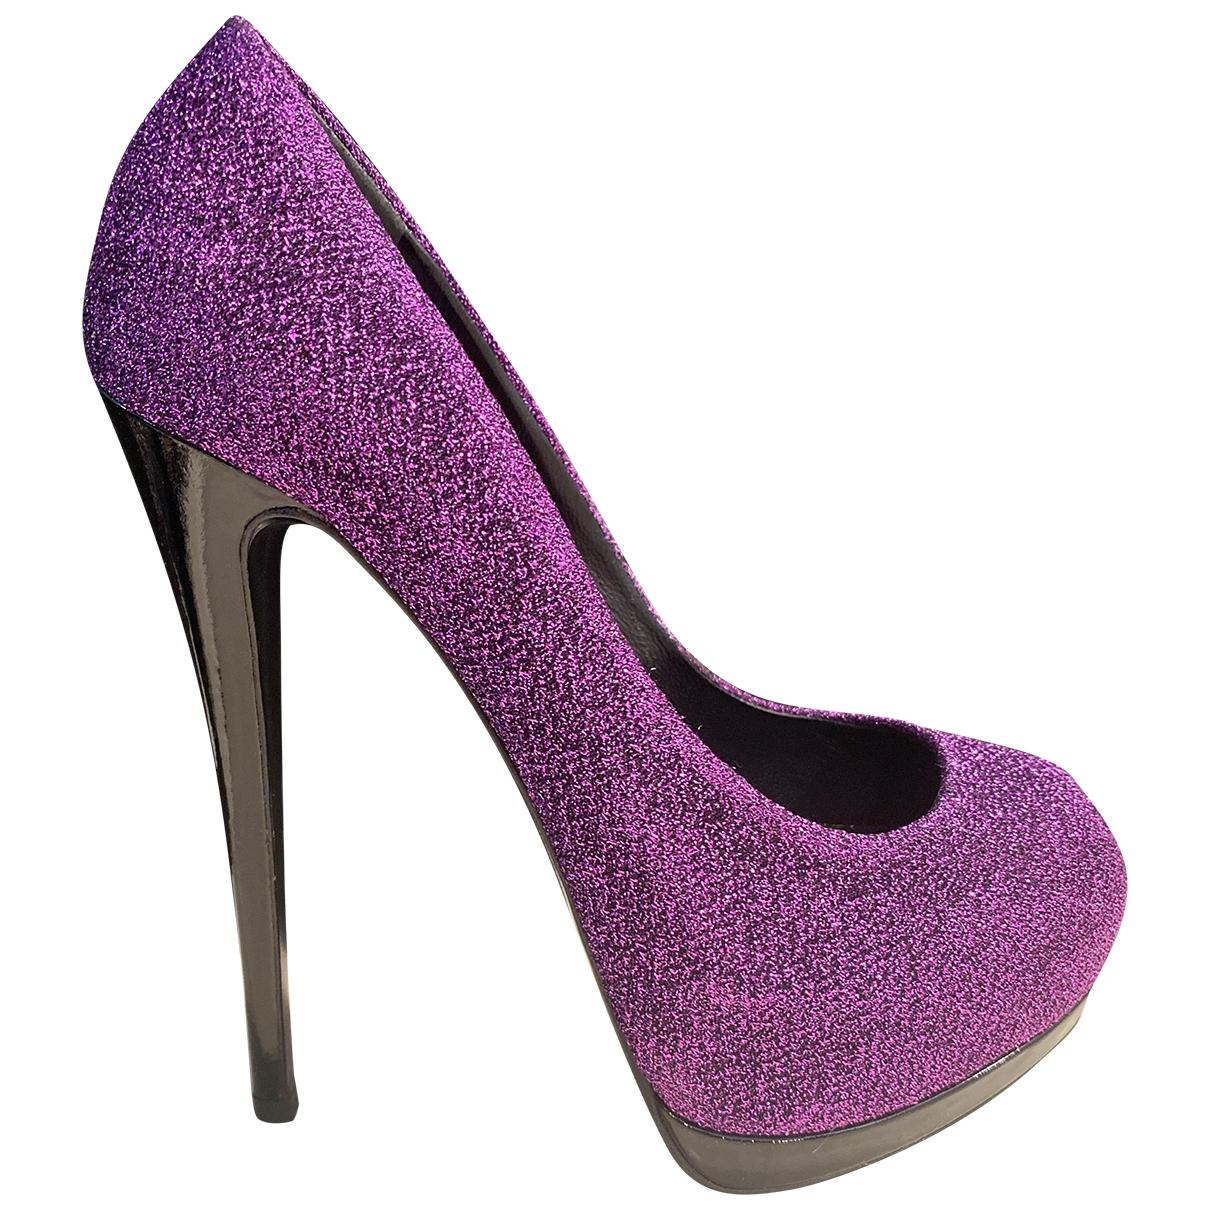 Giuseppe Zanotti - Escarpins   pour femme en a paillettes - violet